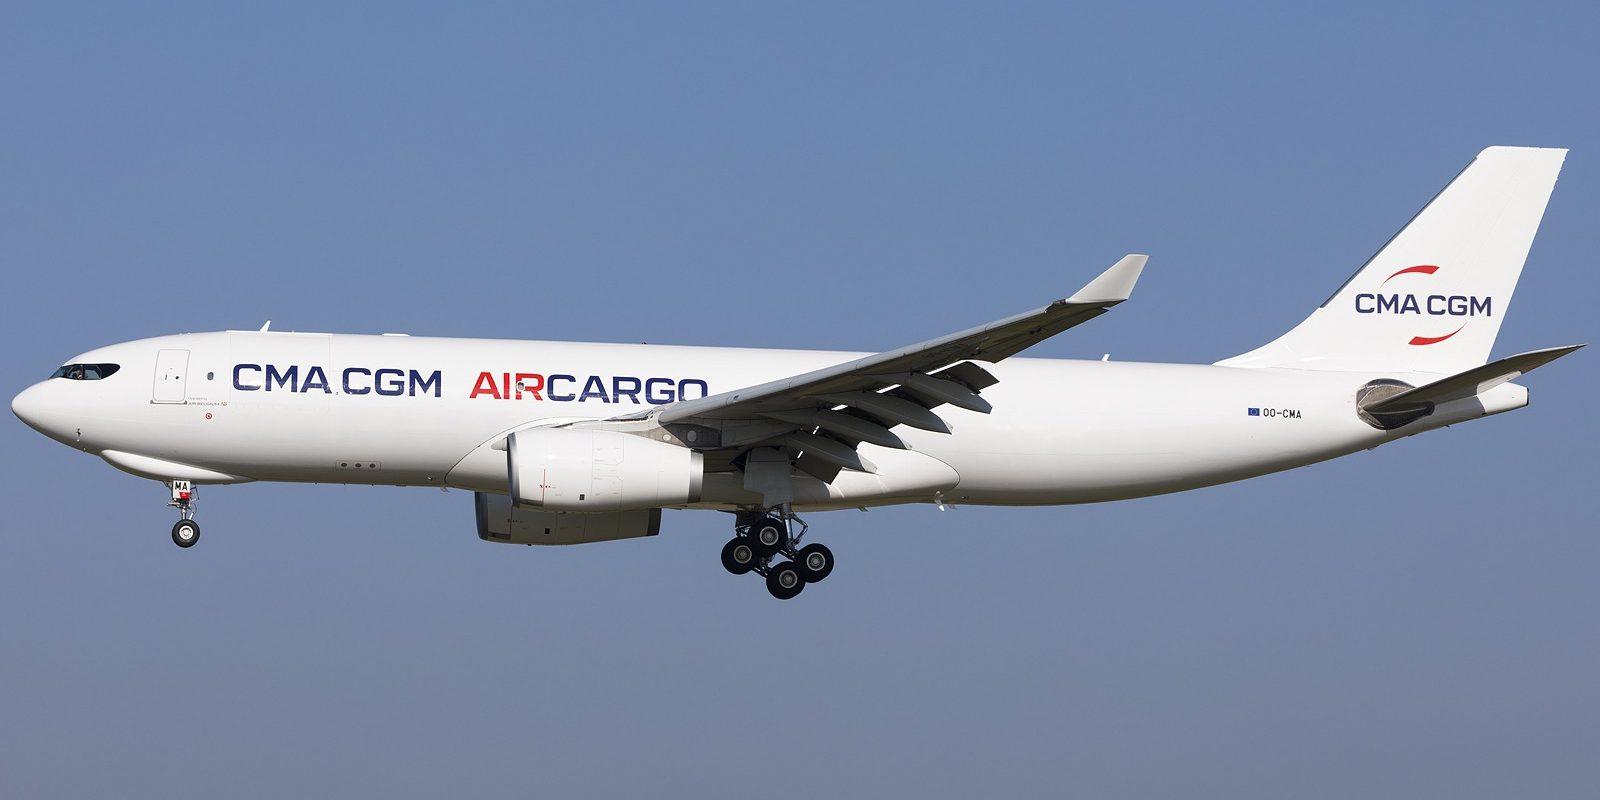 Arrivée de Dublin à Bruxelles le 2 mars du OO-CMA, premier Airbus A330-243F de CMA CGM Air Cargo, avec à droite de la porte avant, la mention « operated by Air Belgium ». (Photo Giovanni Verbeeck)